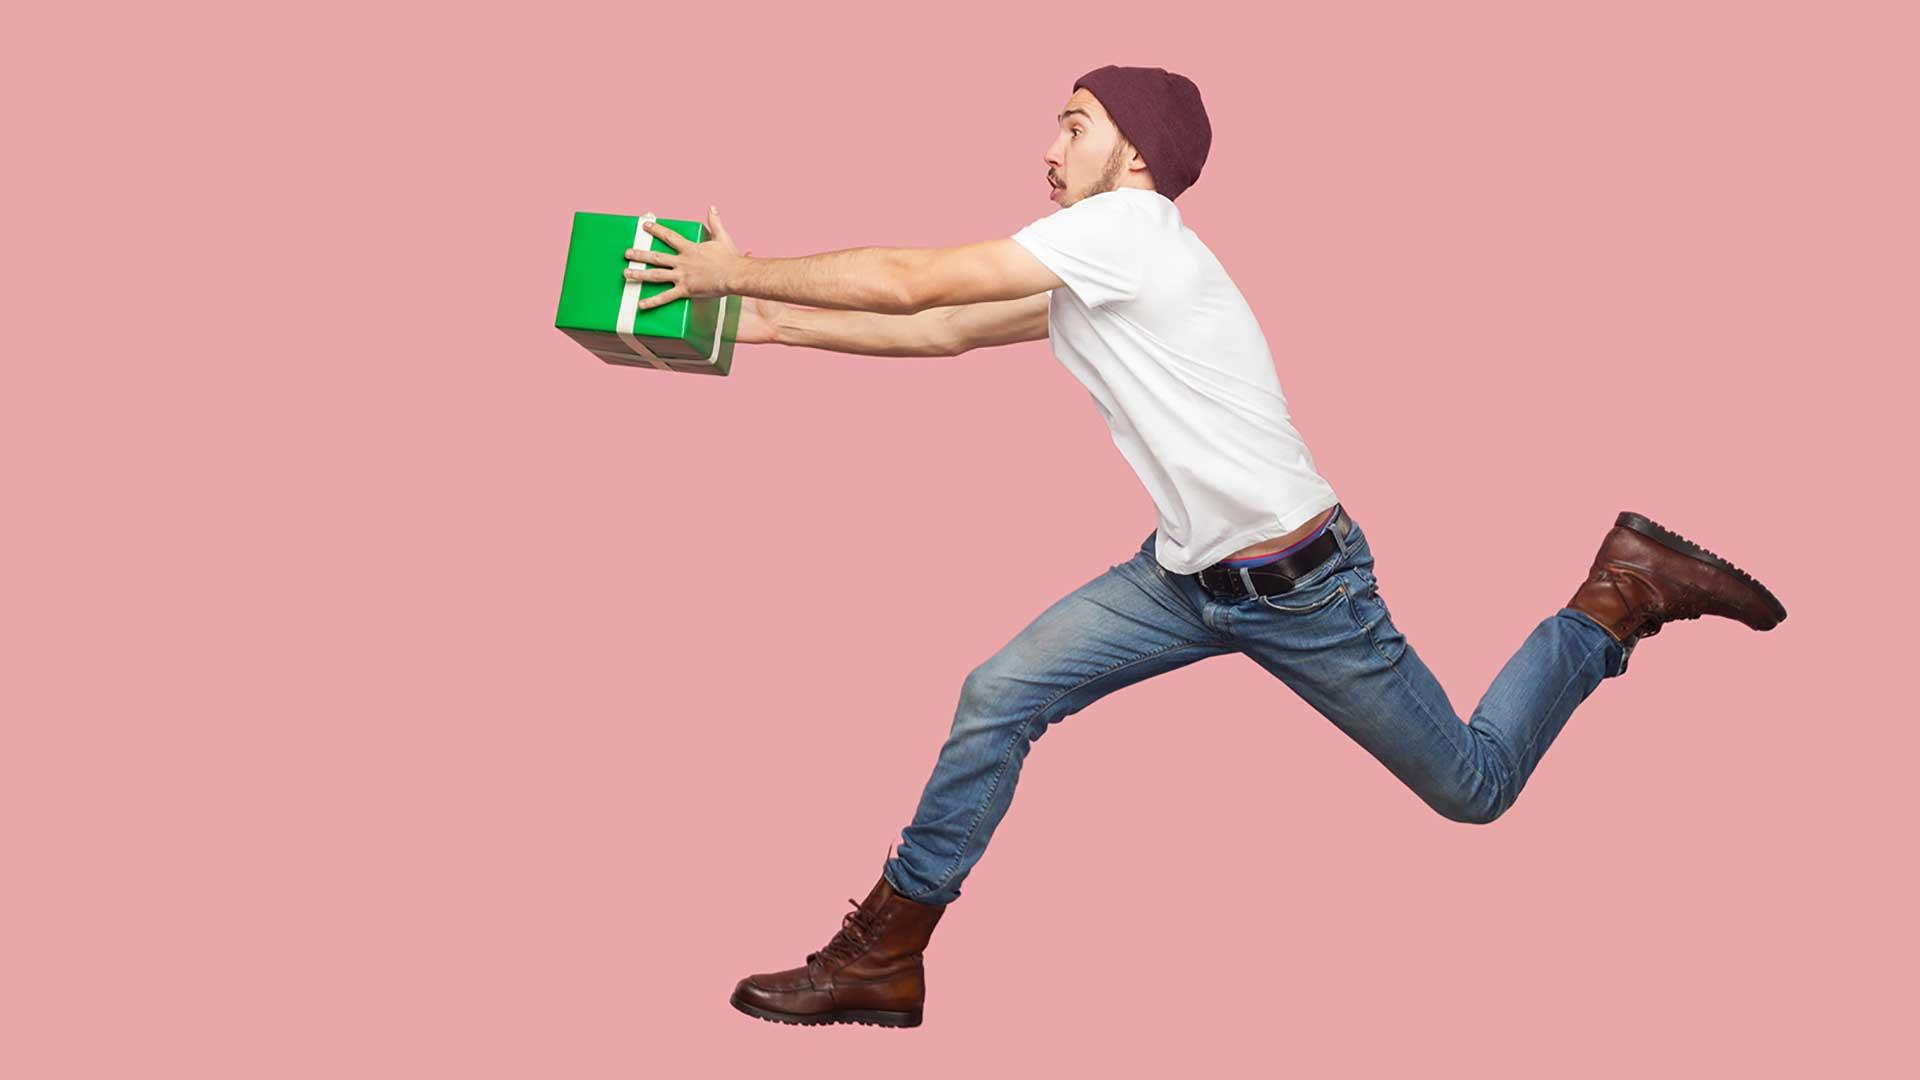 image : epnll-promotion-mensuelle-offre-spéciale-rabais-cadeaux-bonus-man